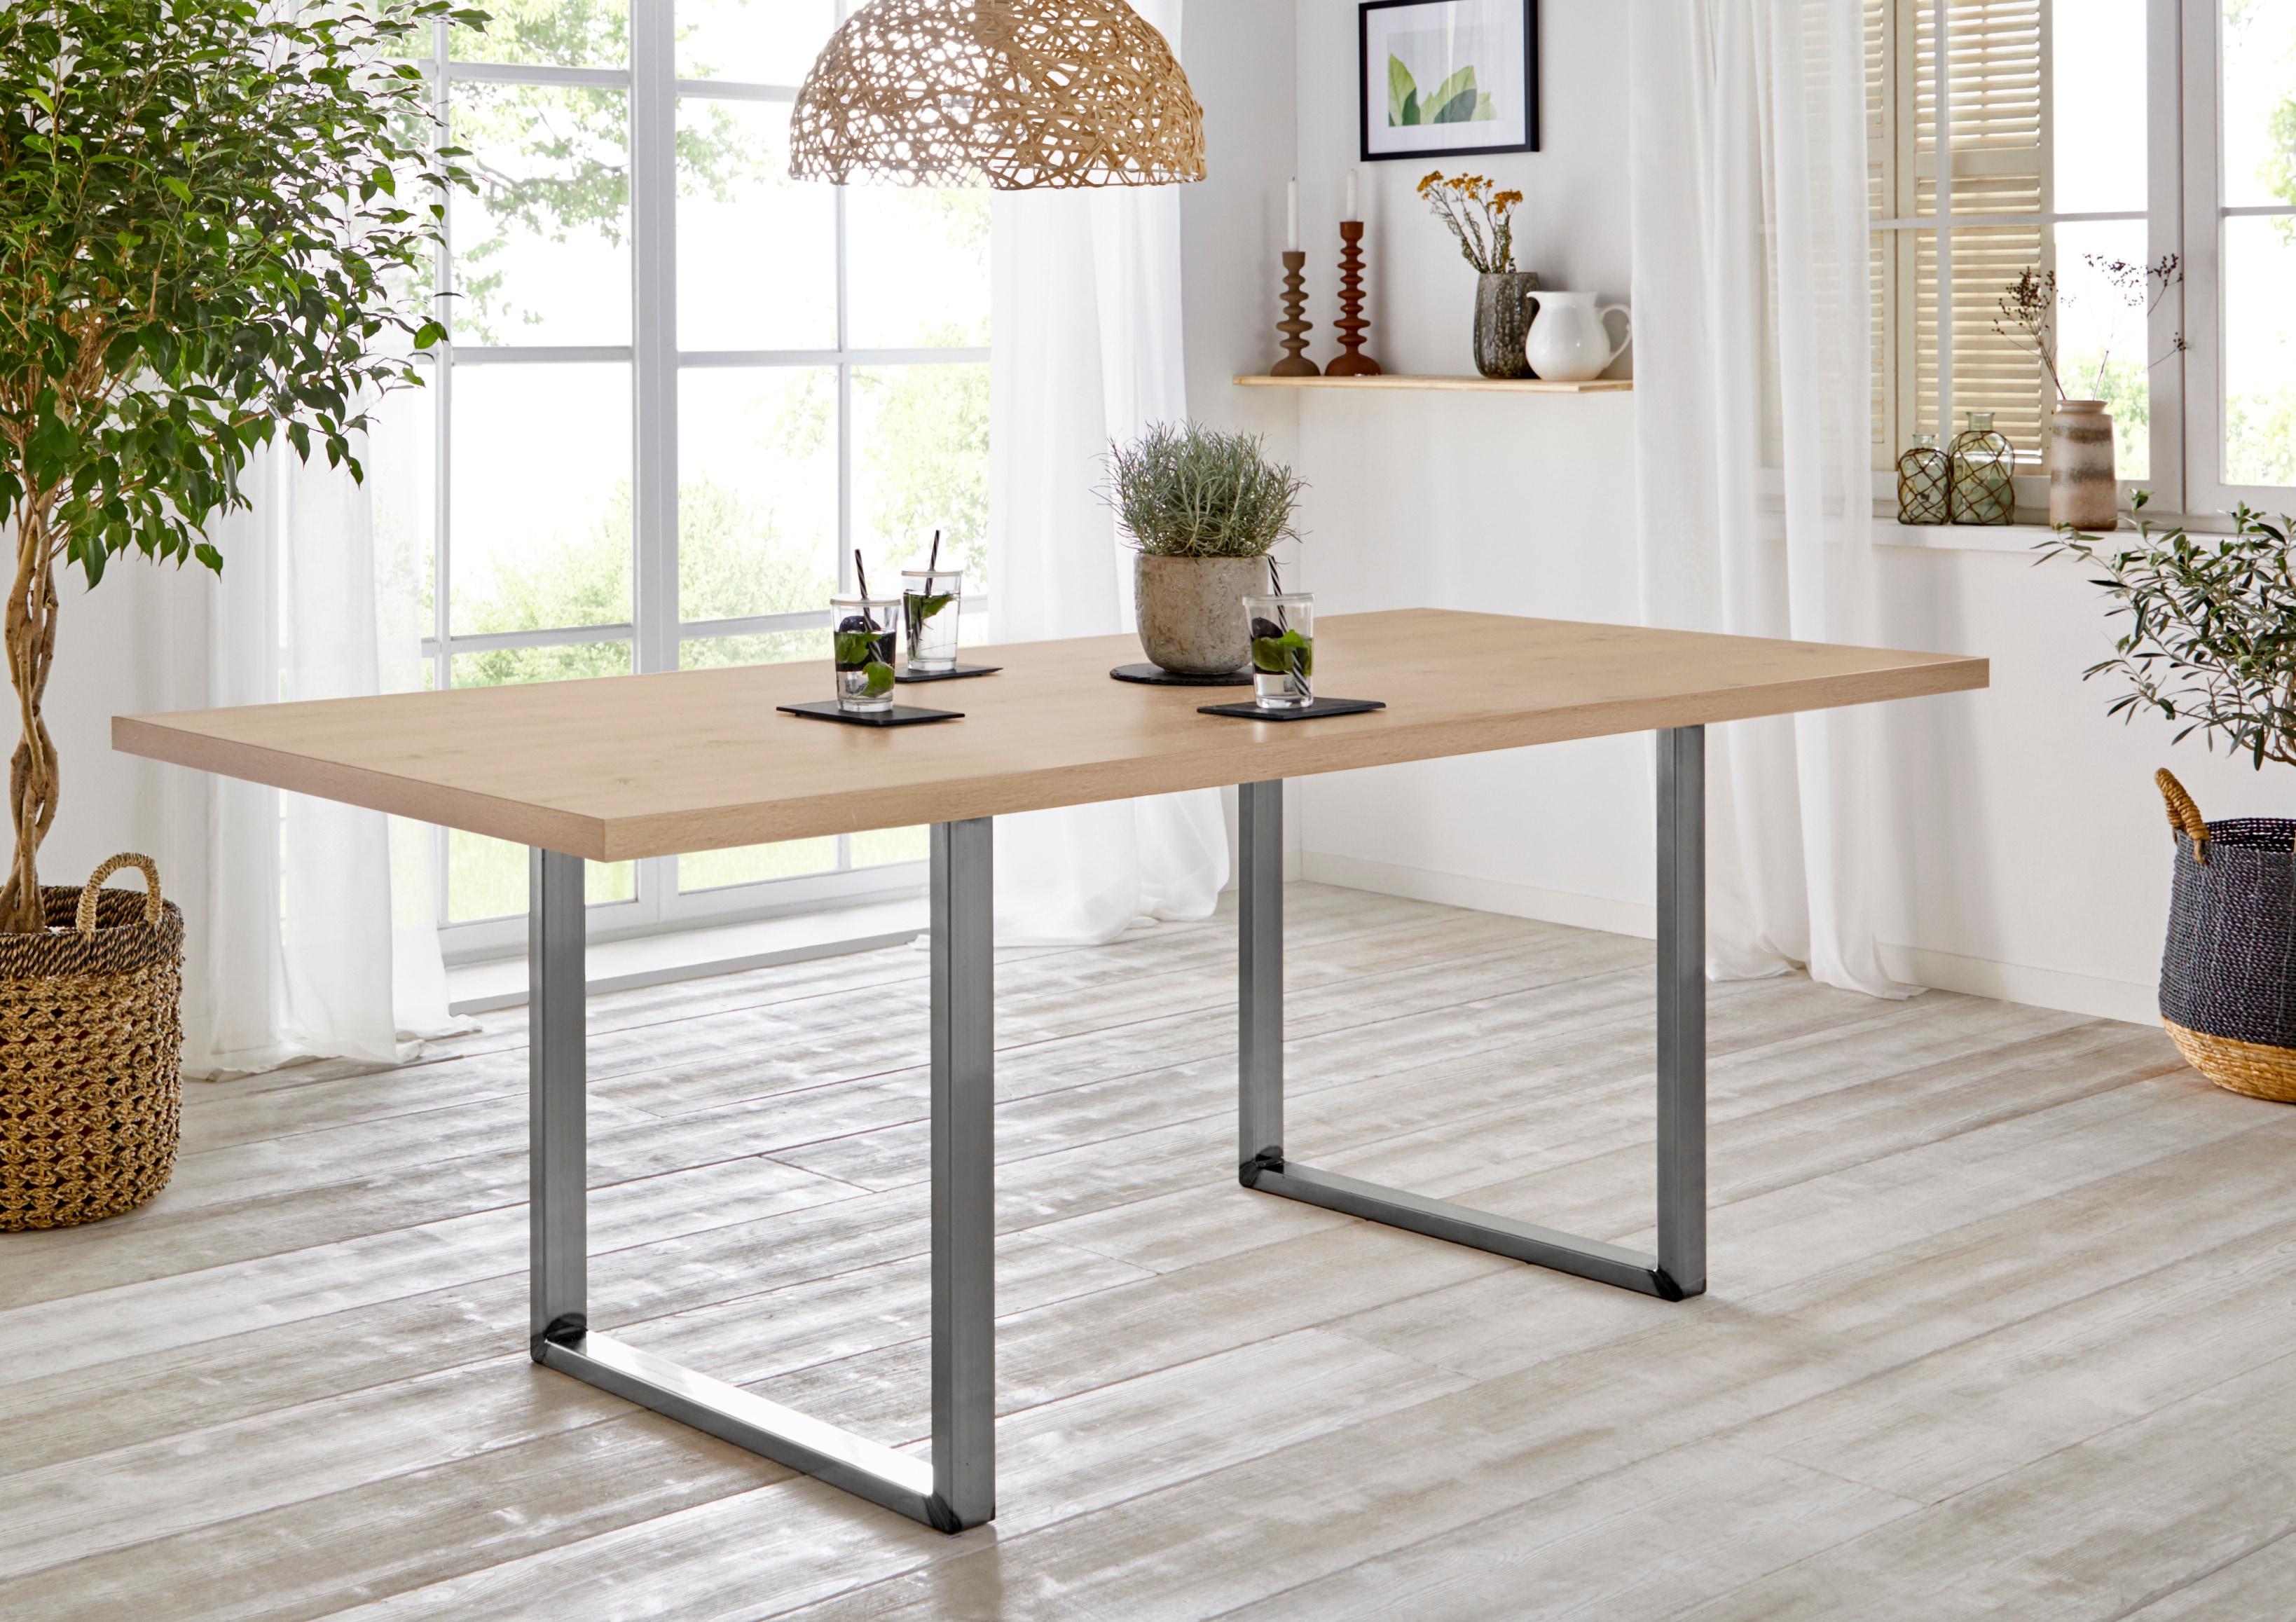 FORTE Esstisch, Breite 180 cm braun Esstisch Esstische rechteckig Tische